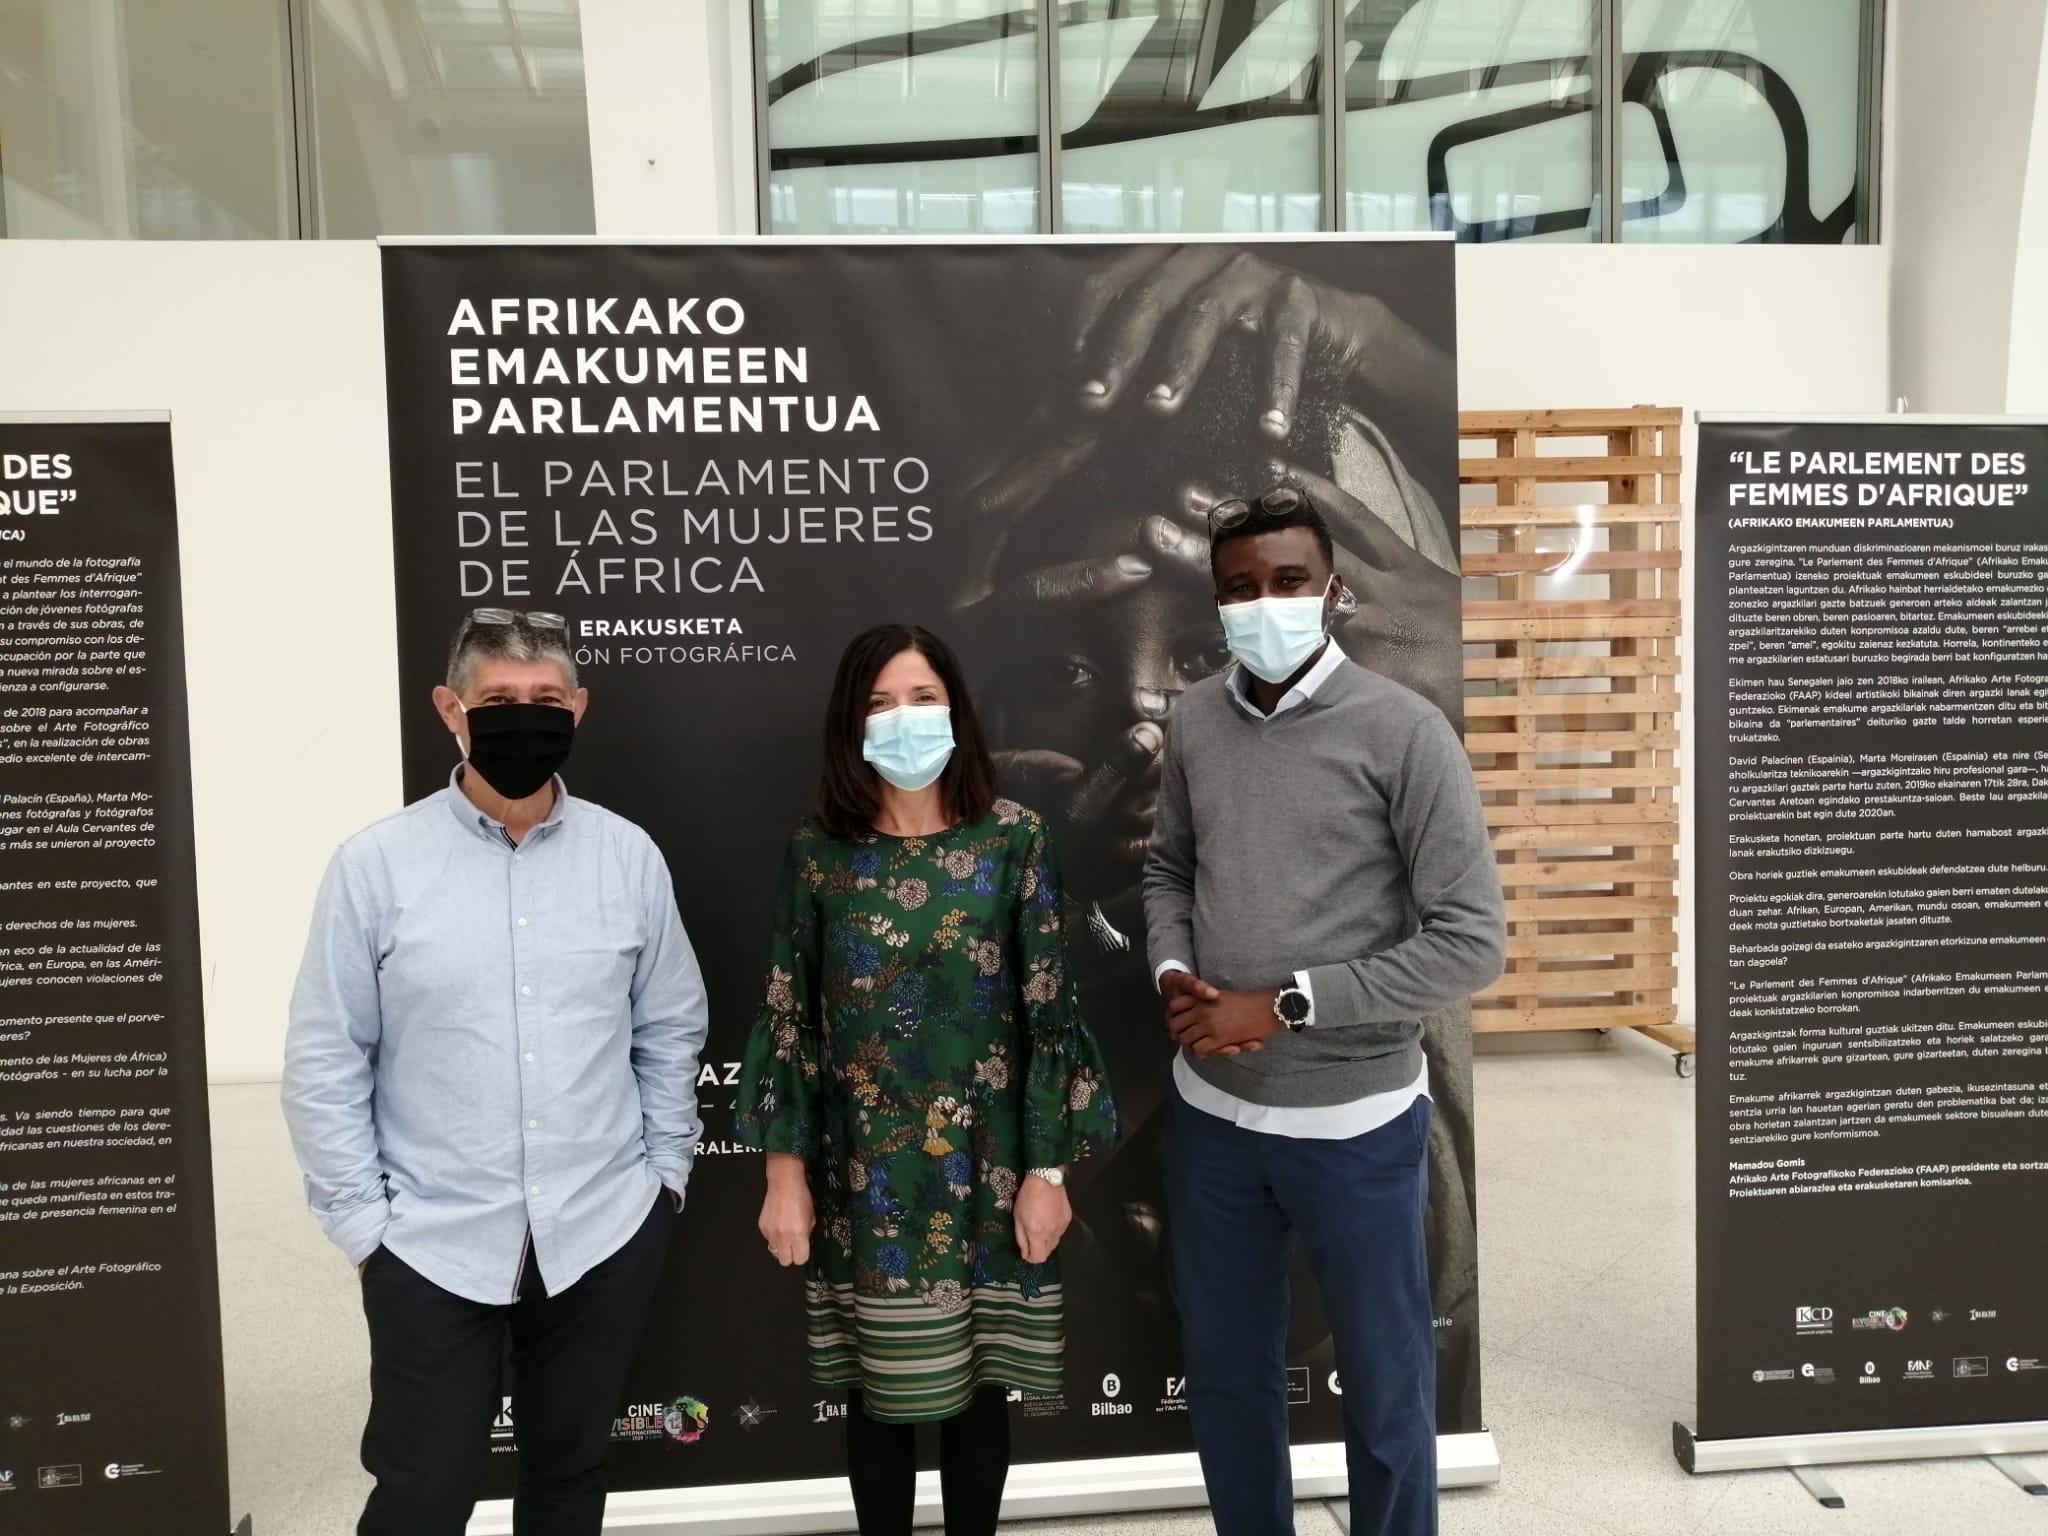 A Bilbao, 15 photographes africains exposent sur la condition féminine